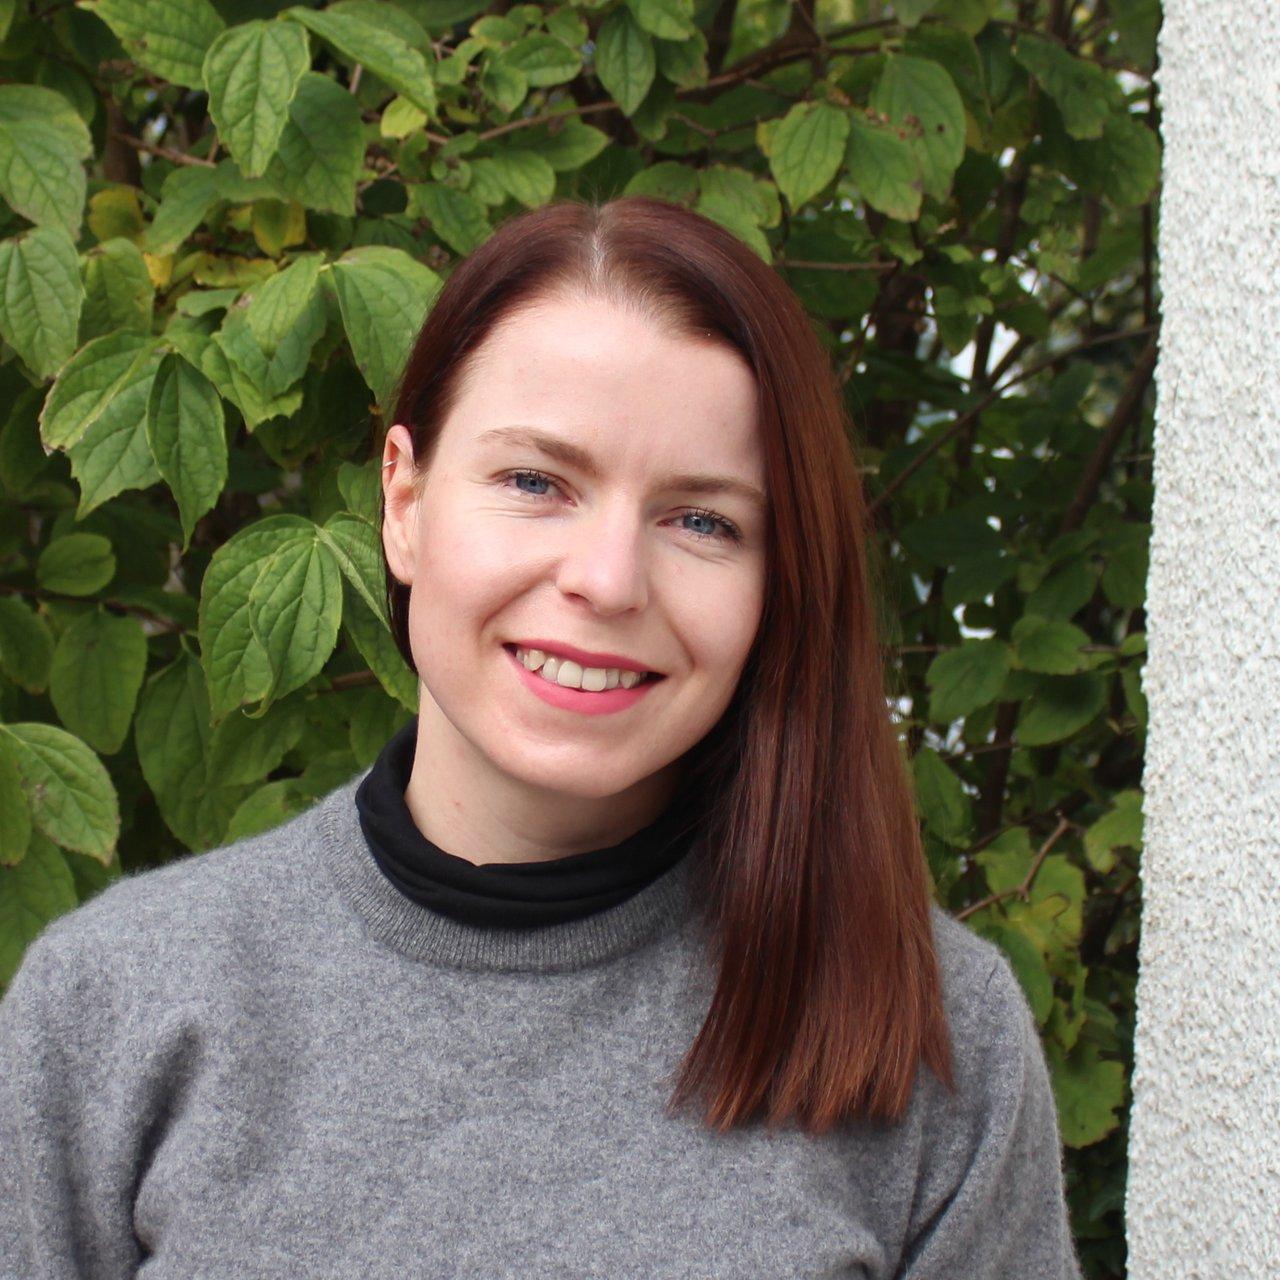 Rosie Hayward